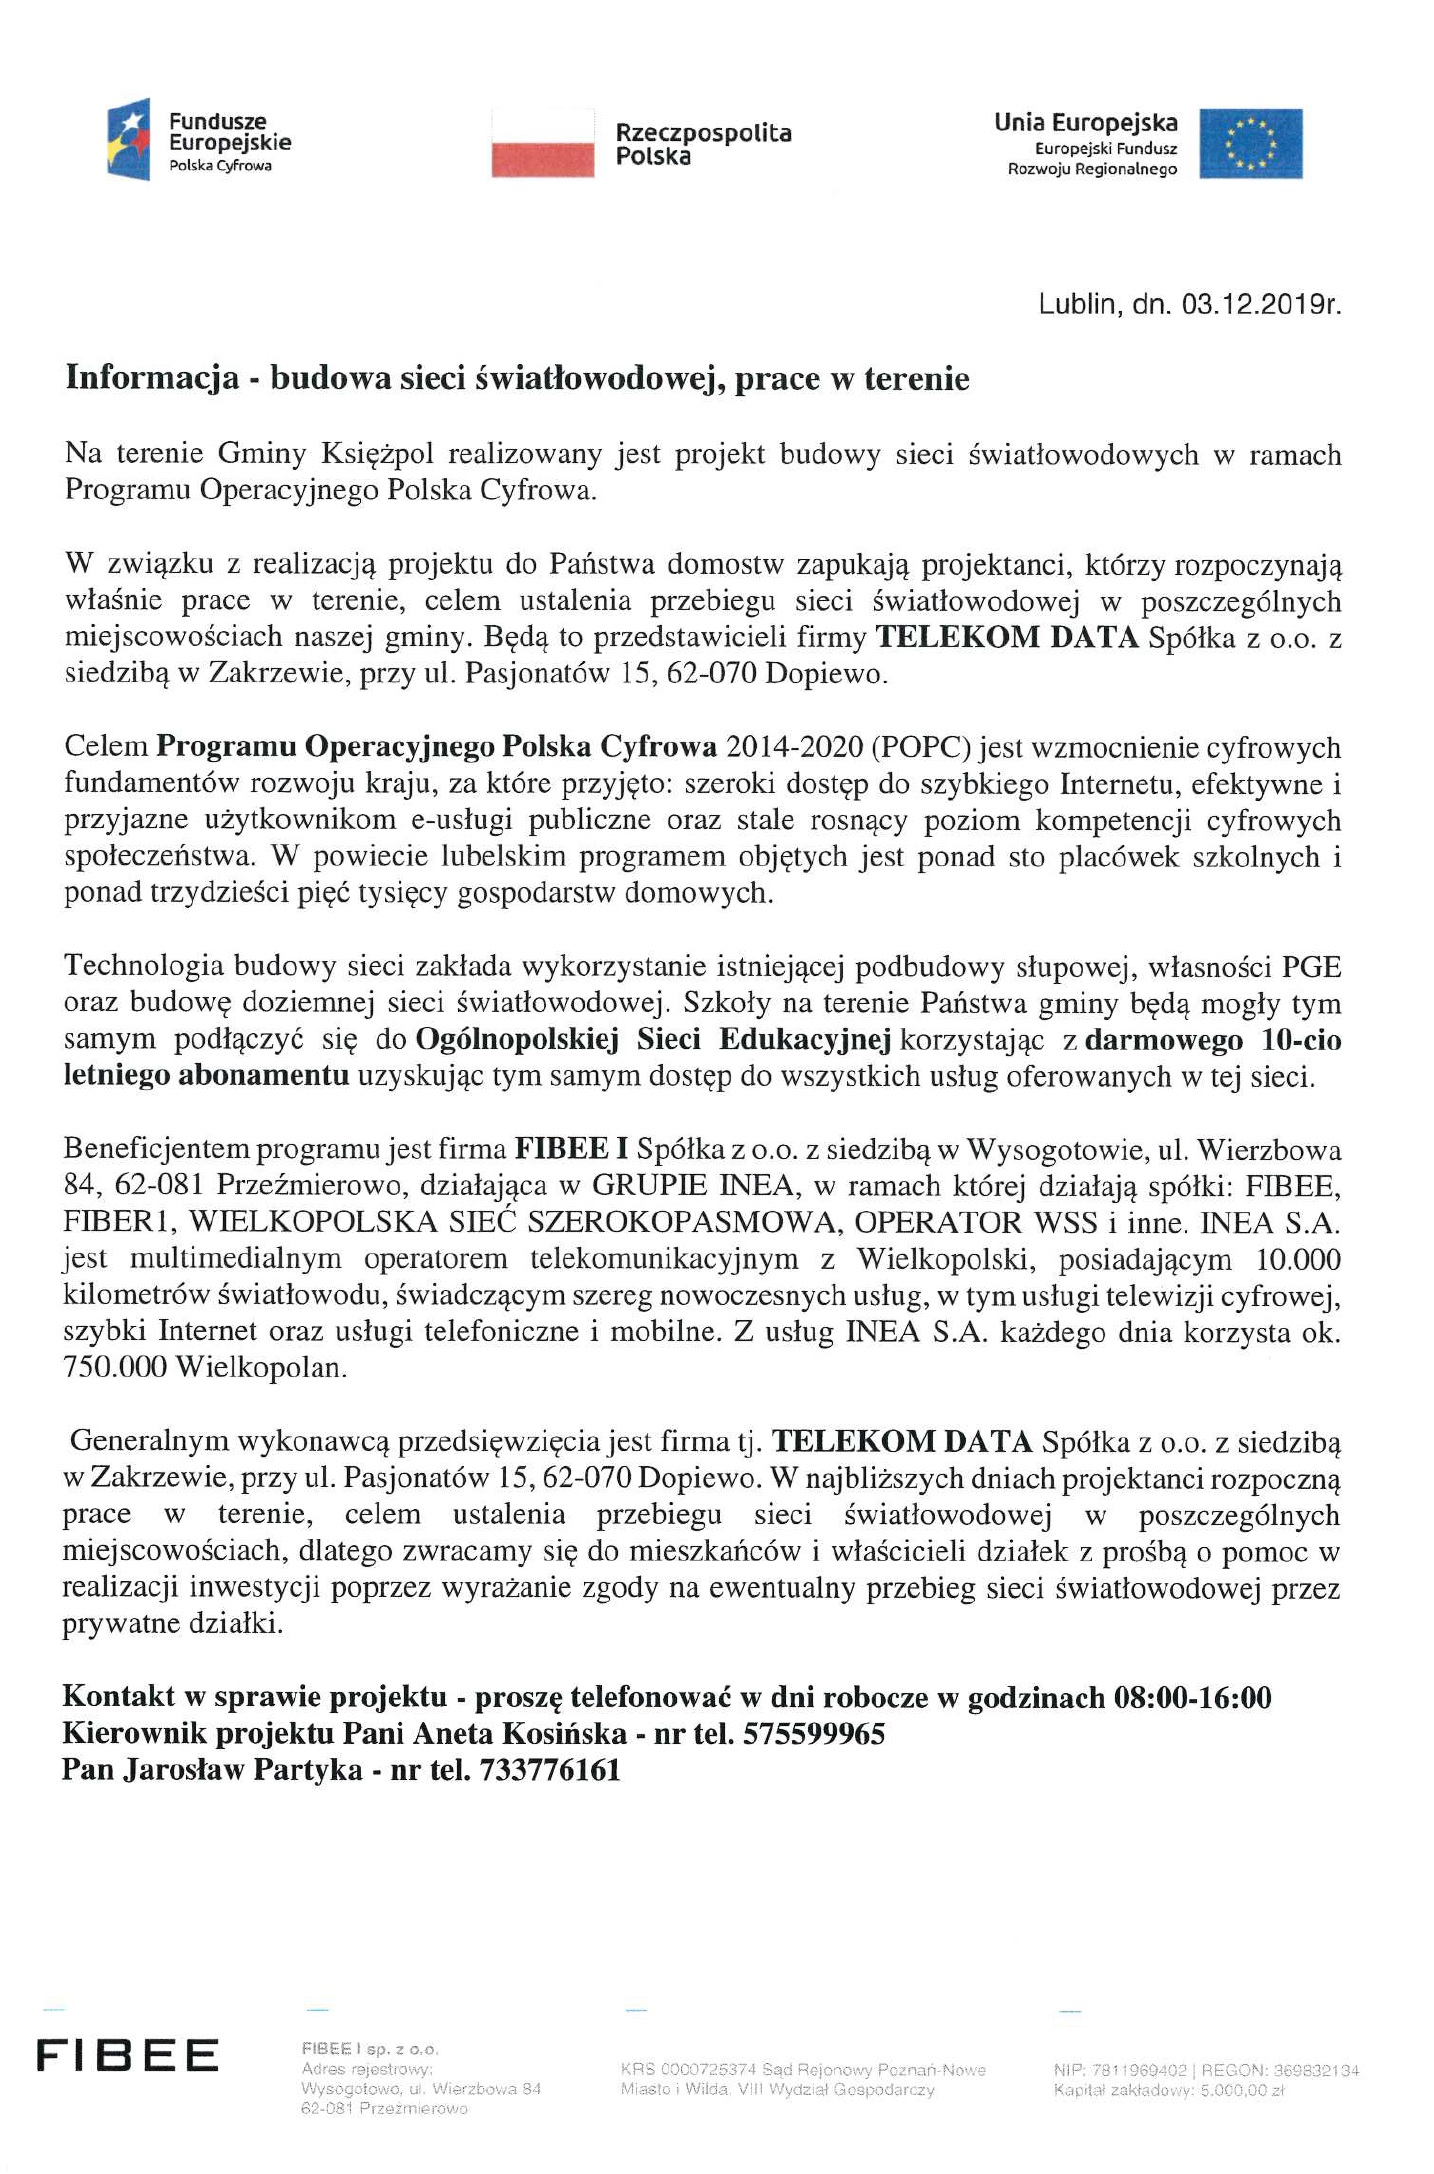 Informacja - budowa sieci światłowodowej na terenie Gminy Księżpol